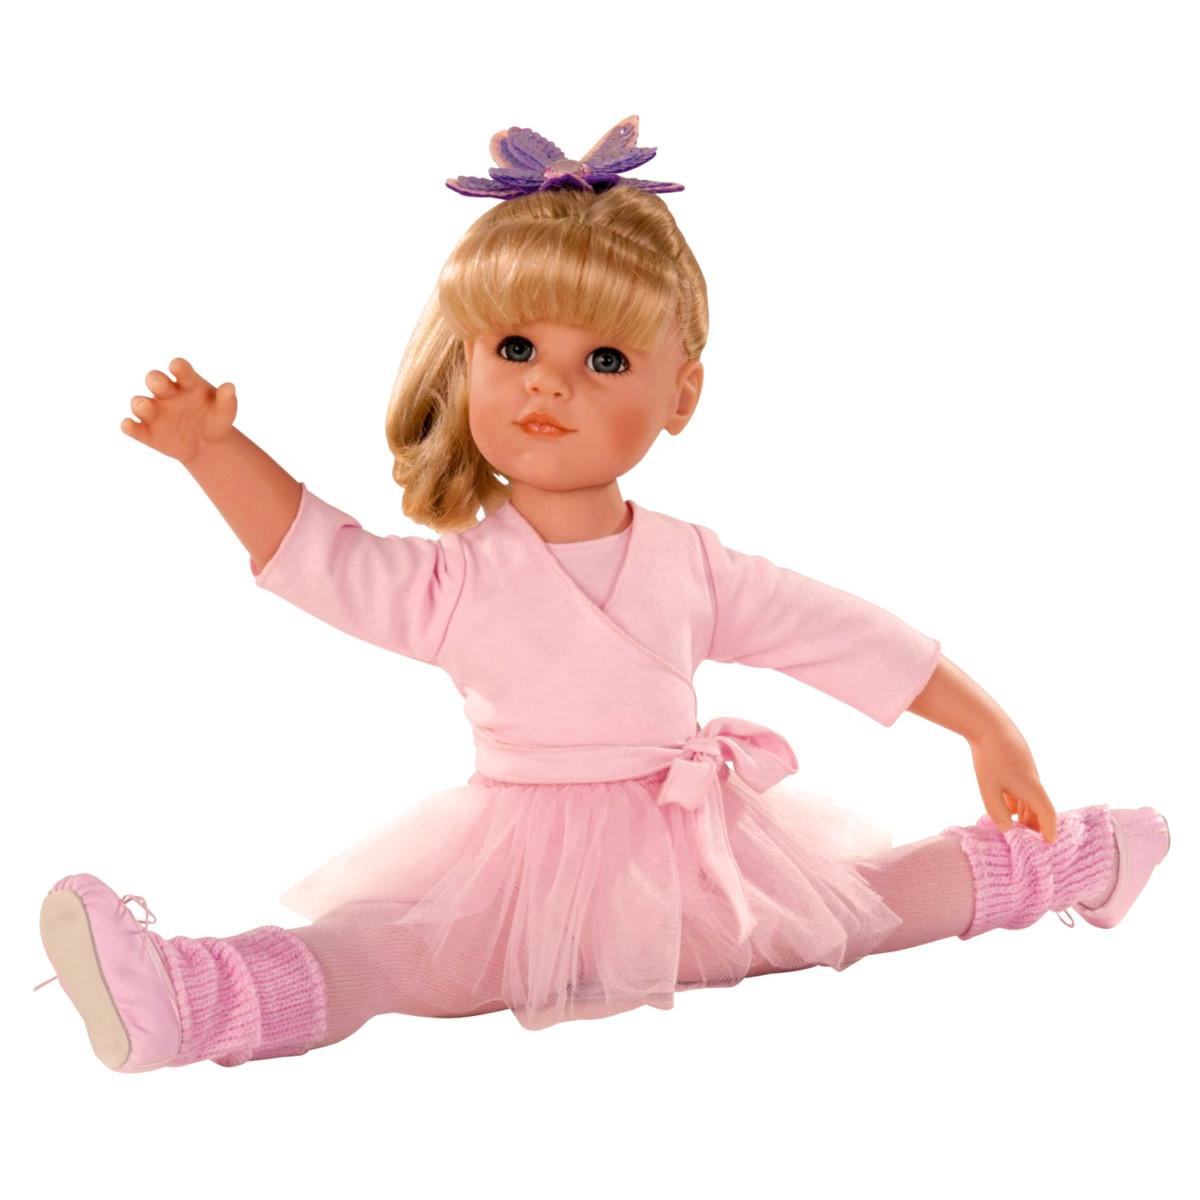 Retrouvez sur notre site d'autres poupées Hannah de 50 cm sous les